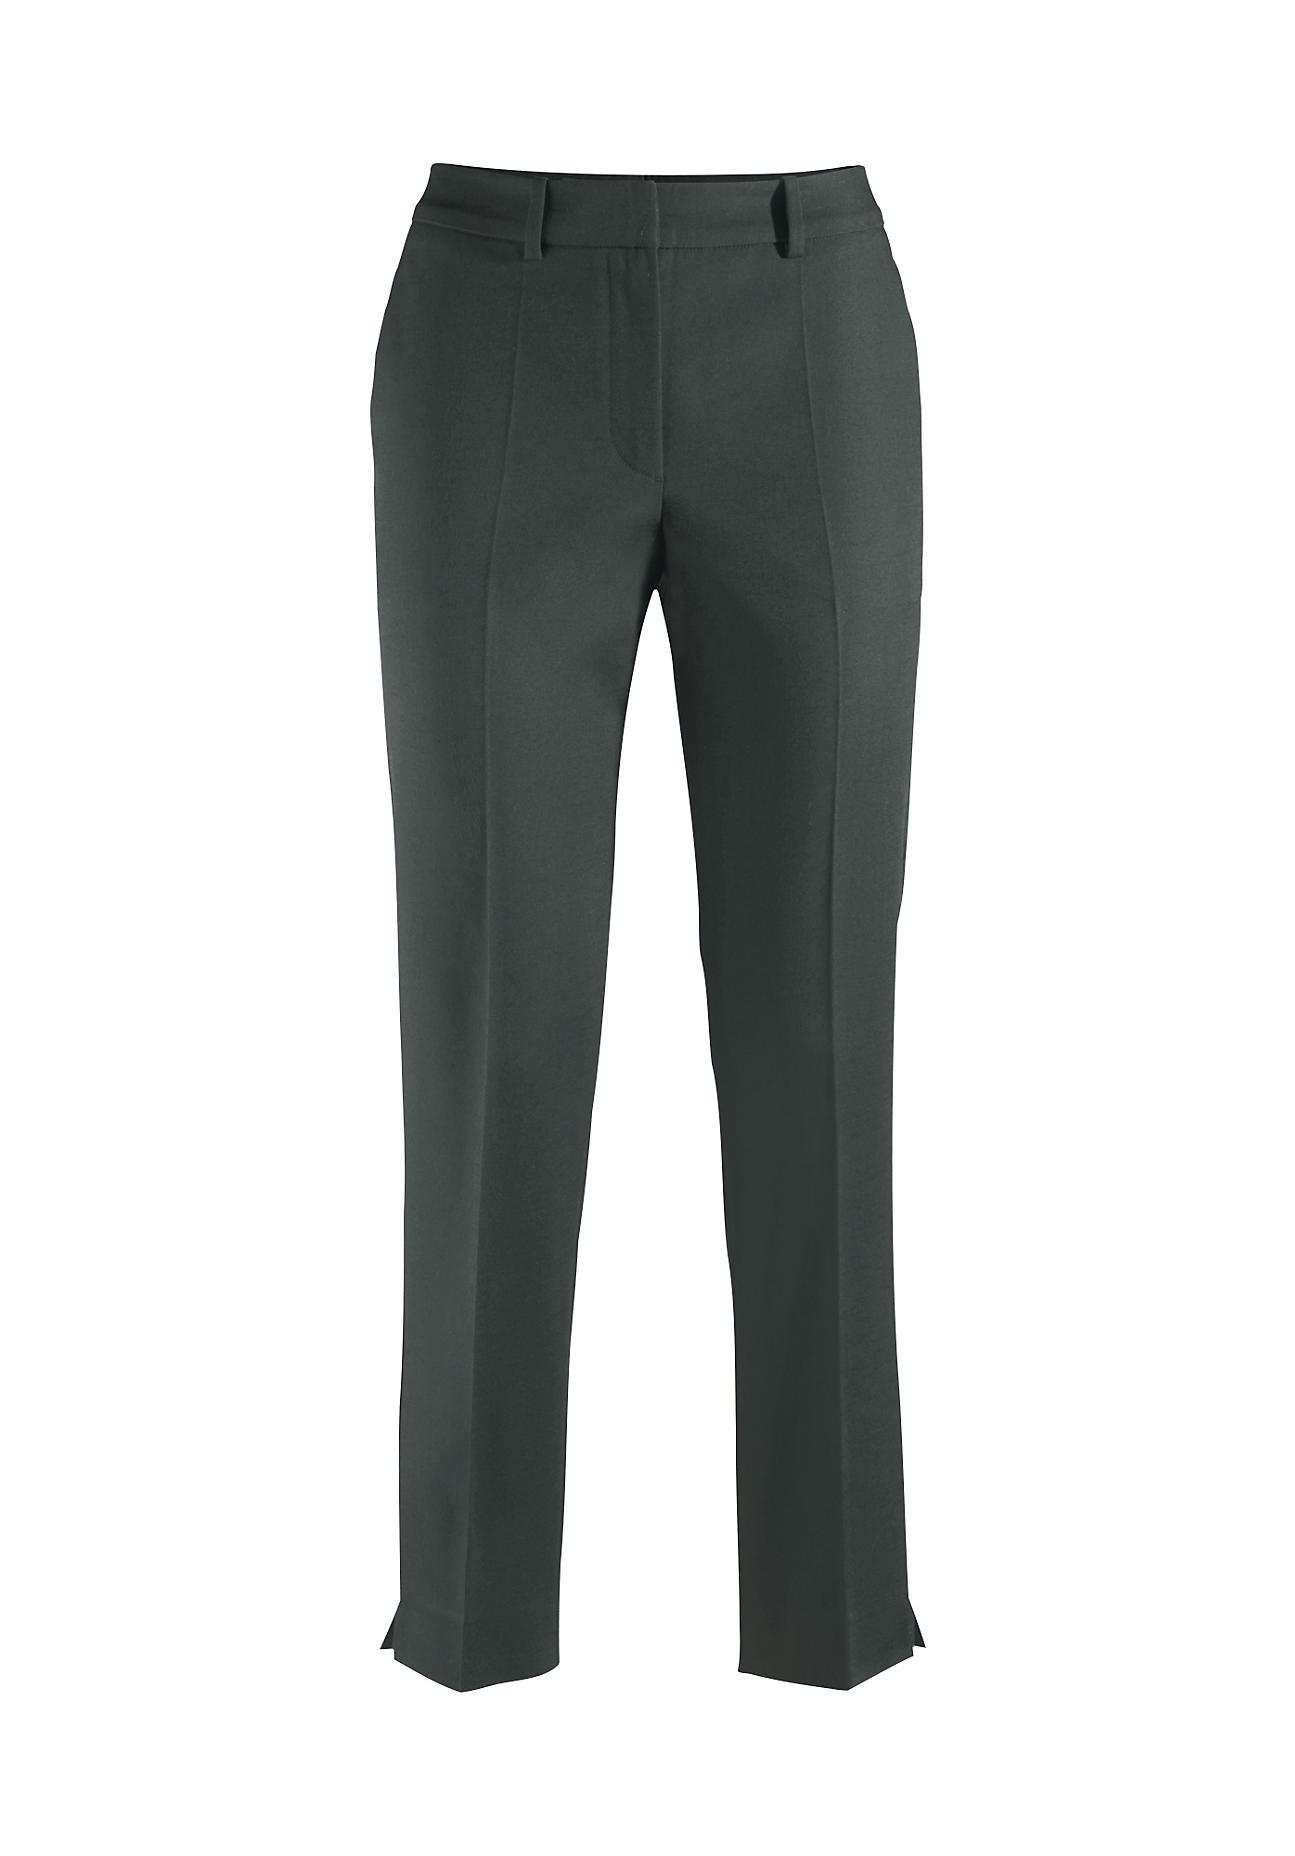 Hosen für Frauen - hessnatur Damen Hose aus Bio Baumwolle – grün –  - Onlineshop Hessnatur